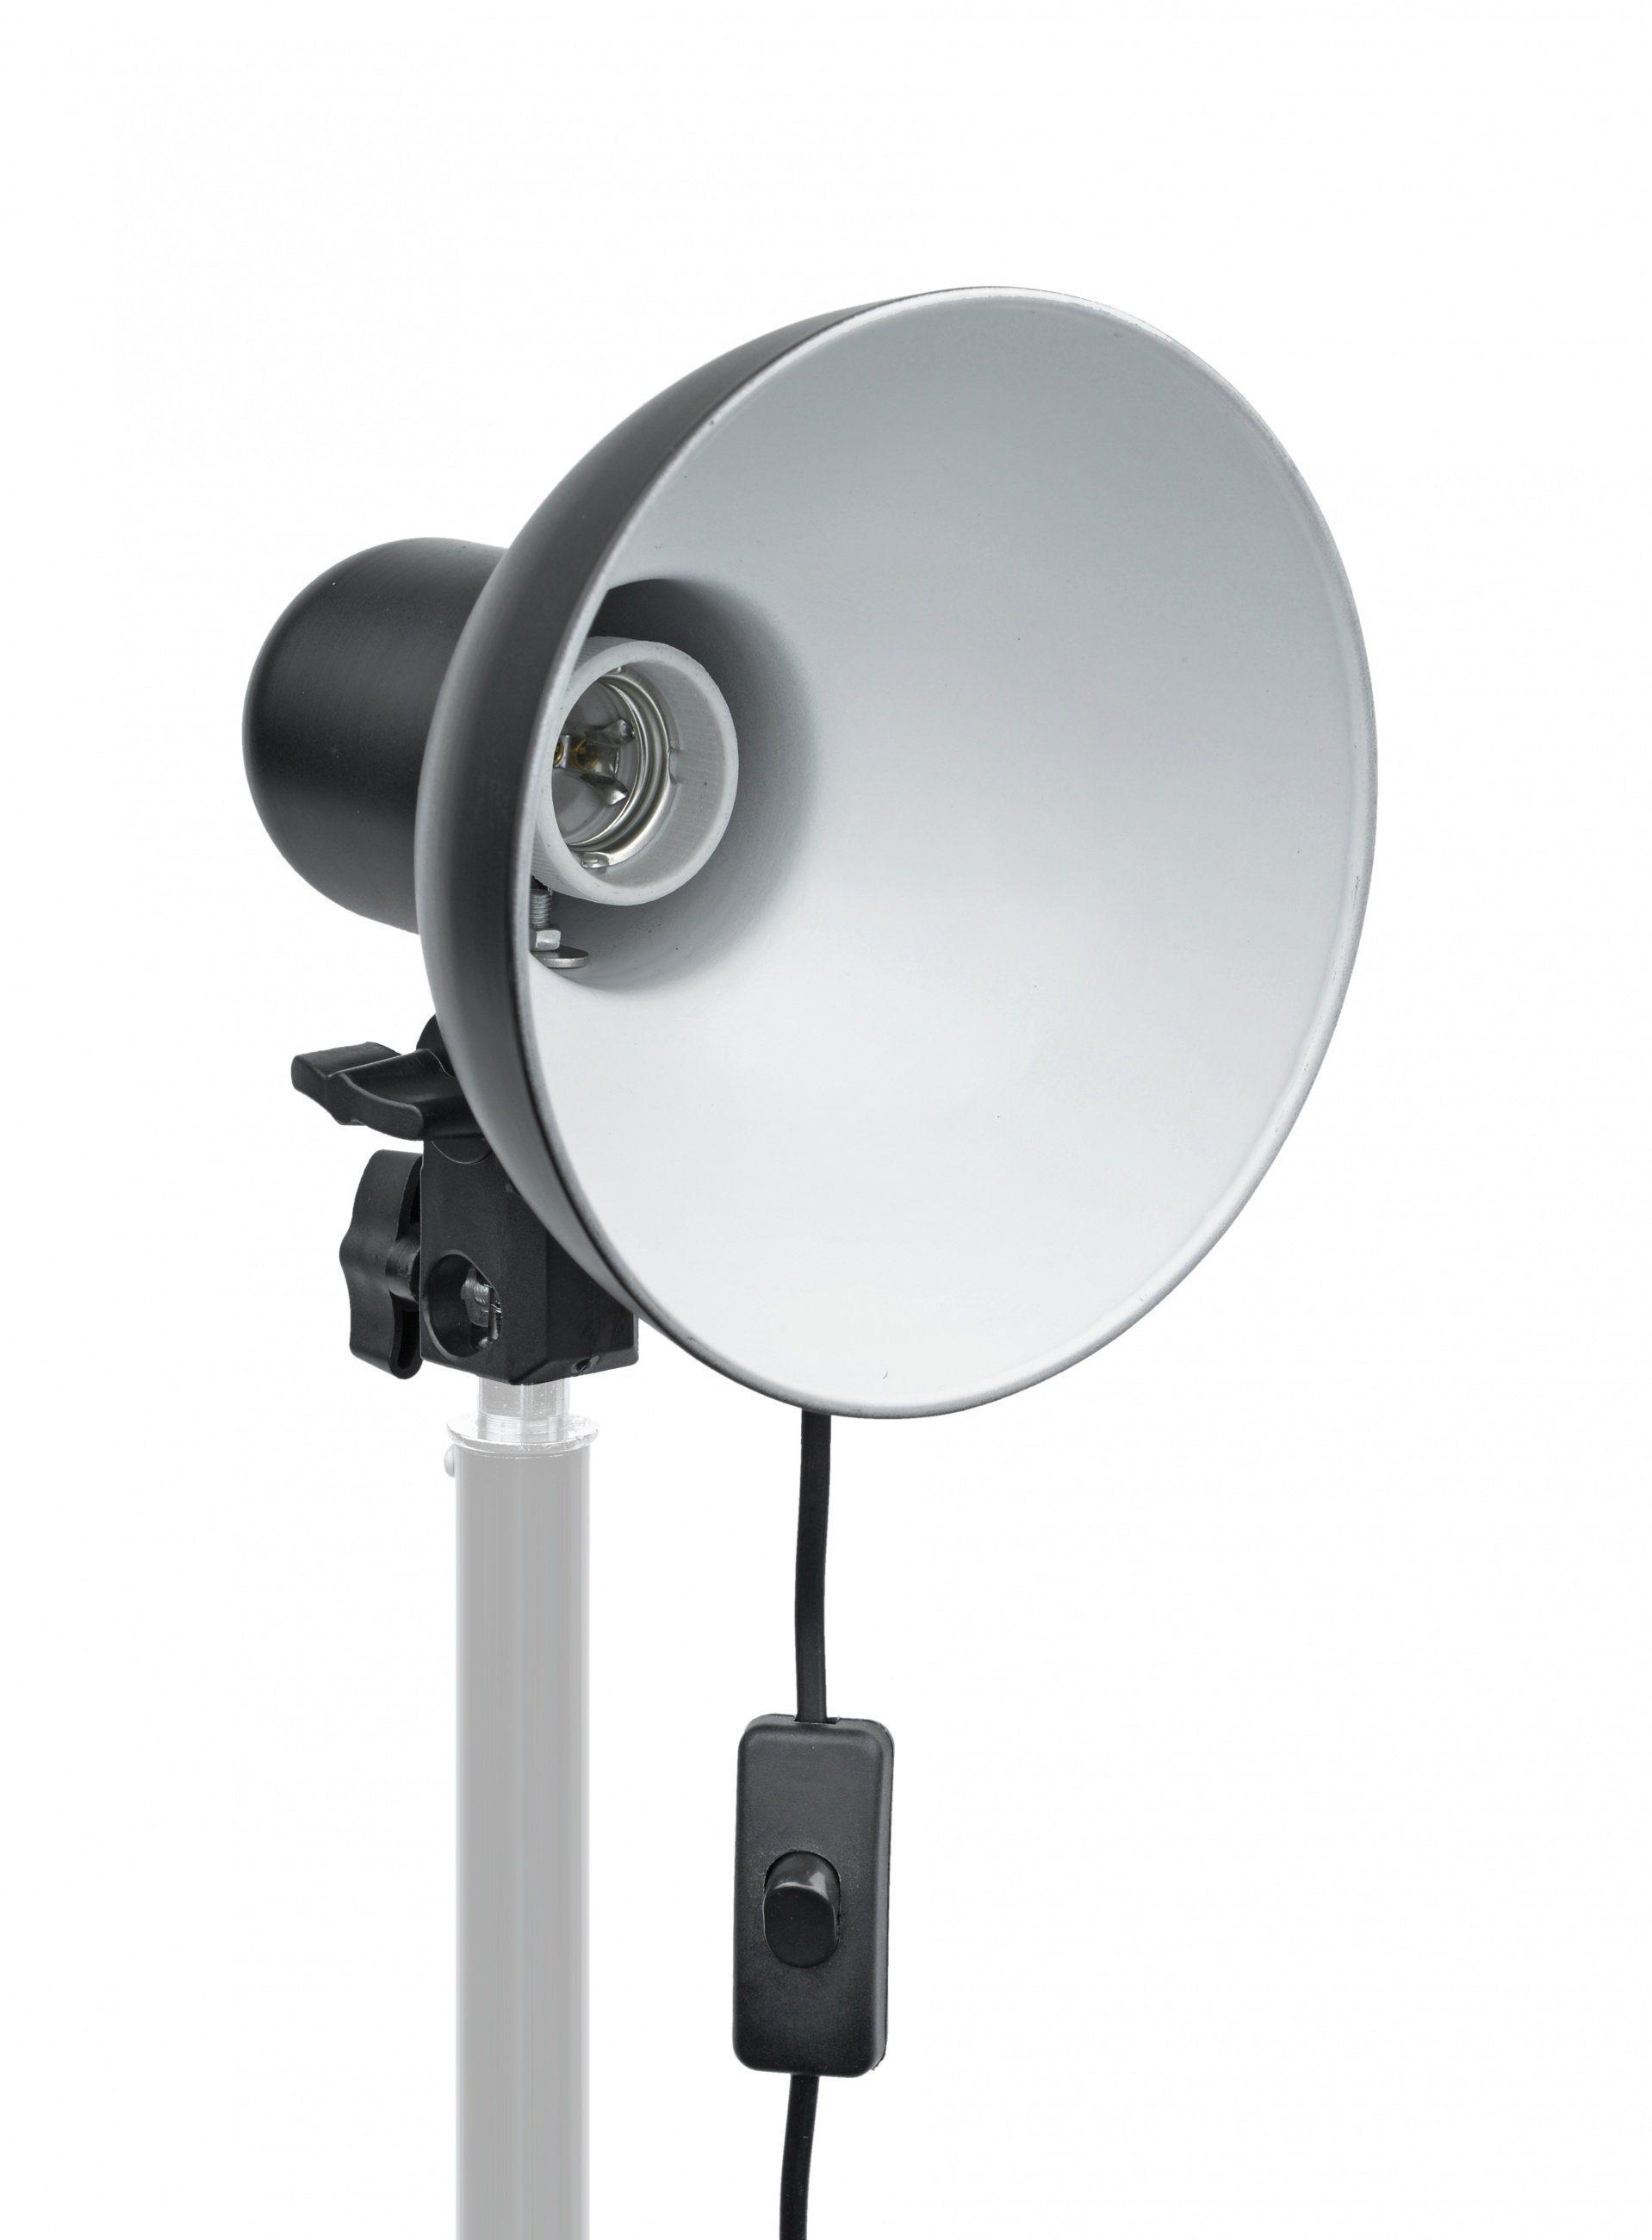 Bresser Fotostudio »MM-04 Lampenhalter mit Reflektor für 1 Lampe«